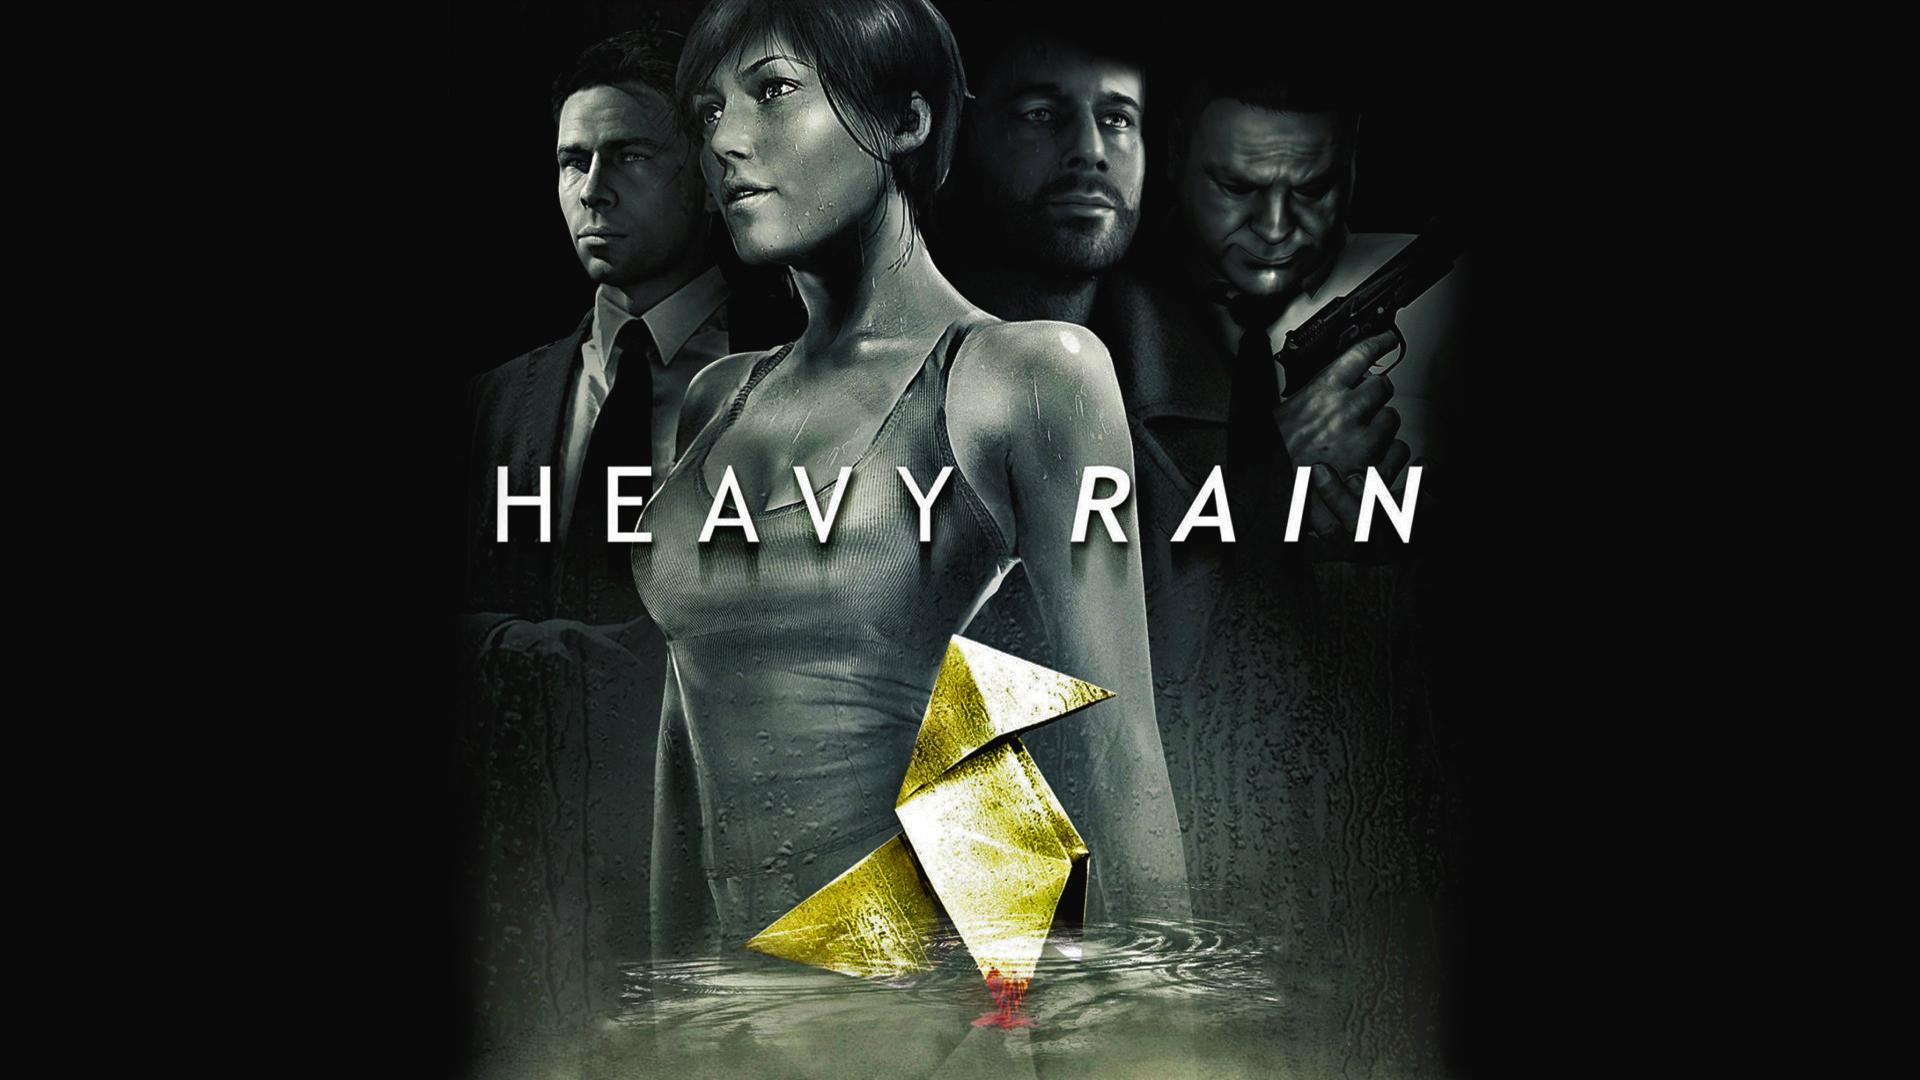 دانلود موسیقی های متن بازی Heavy Rain (اثری از نرماند کوربیل)